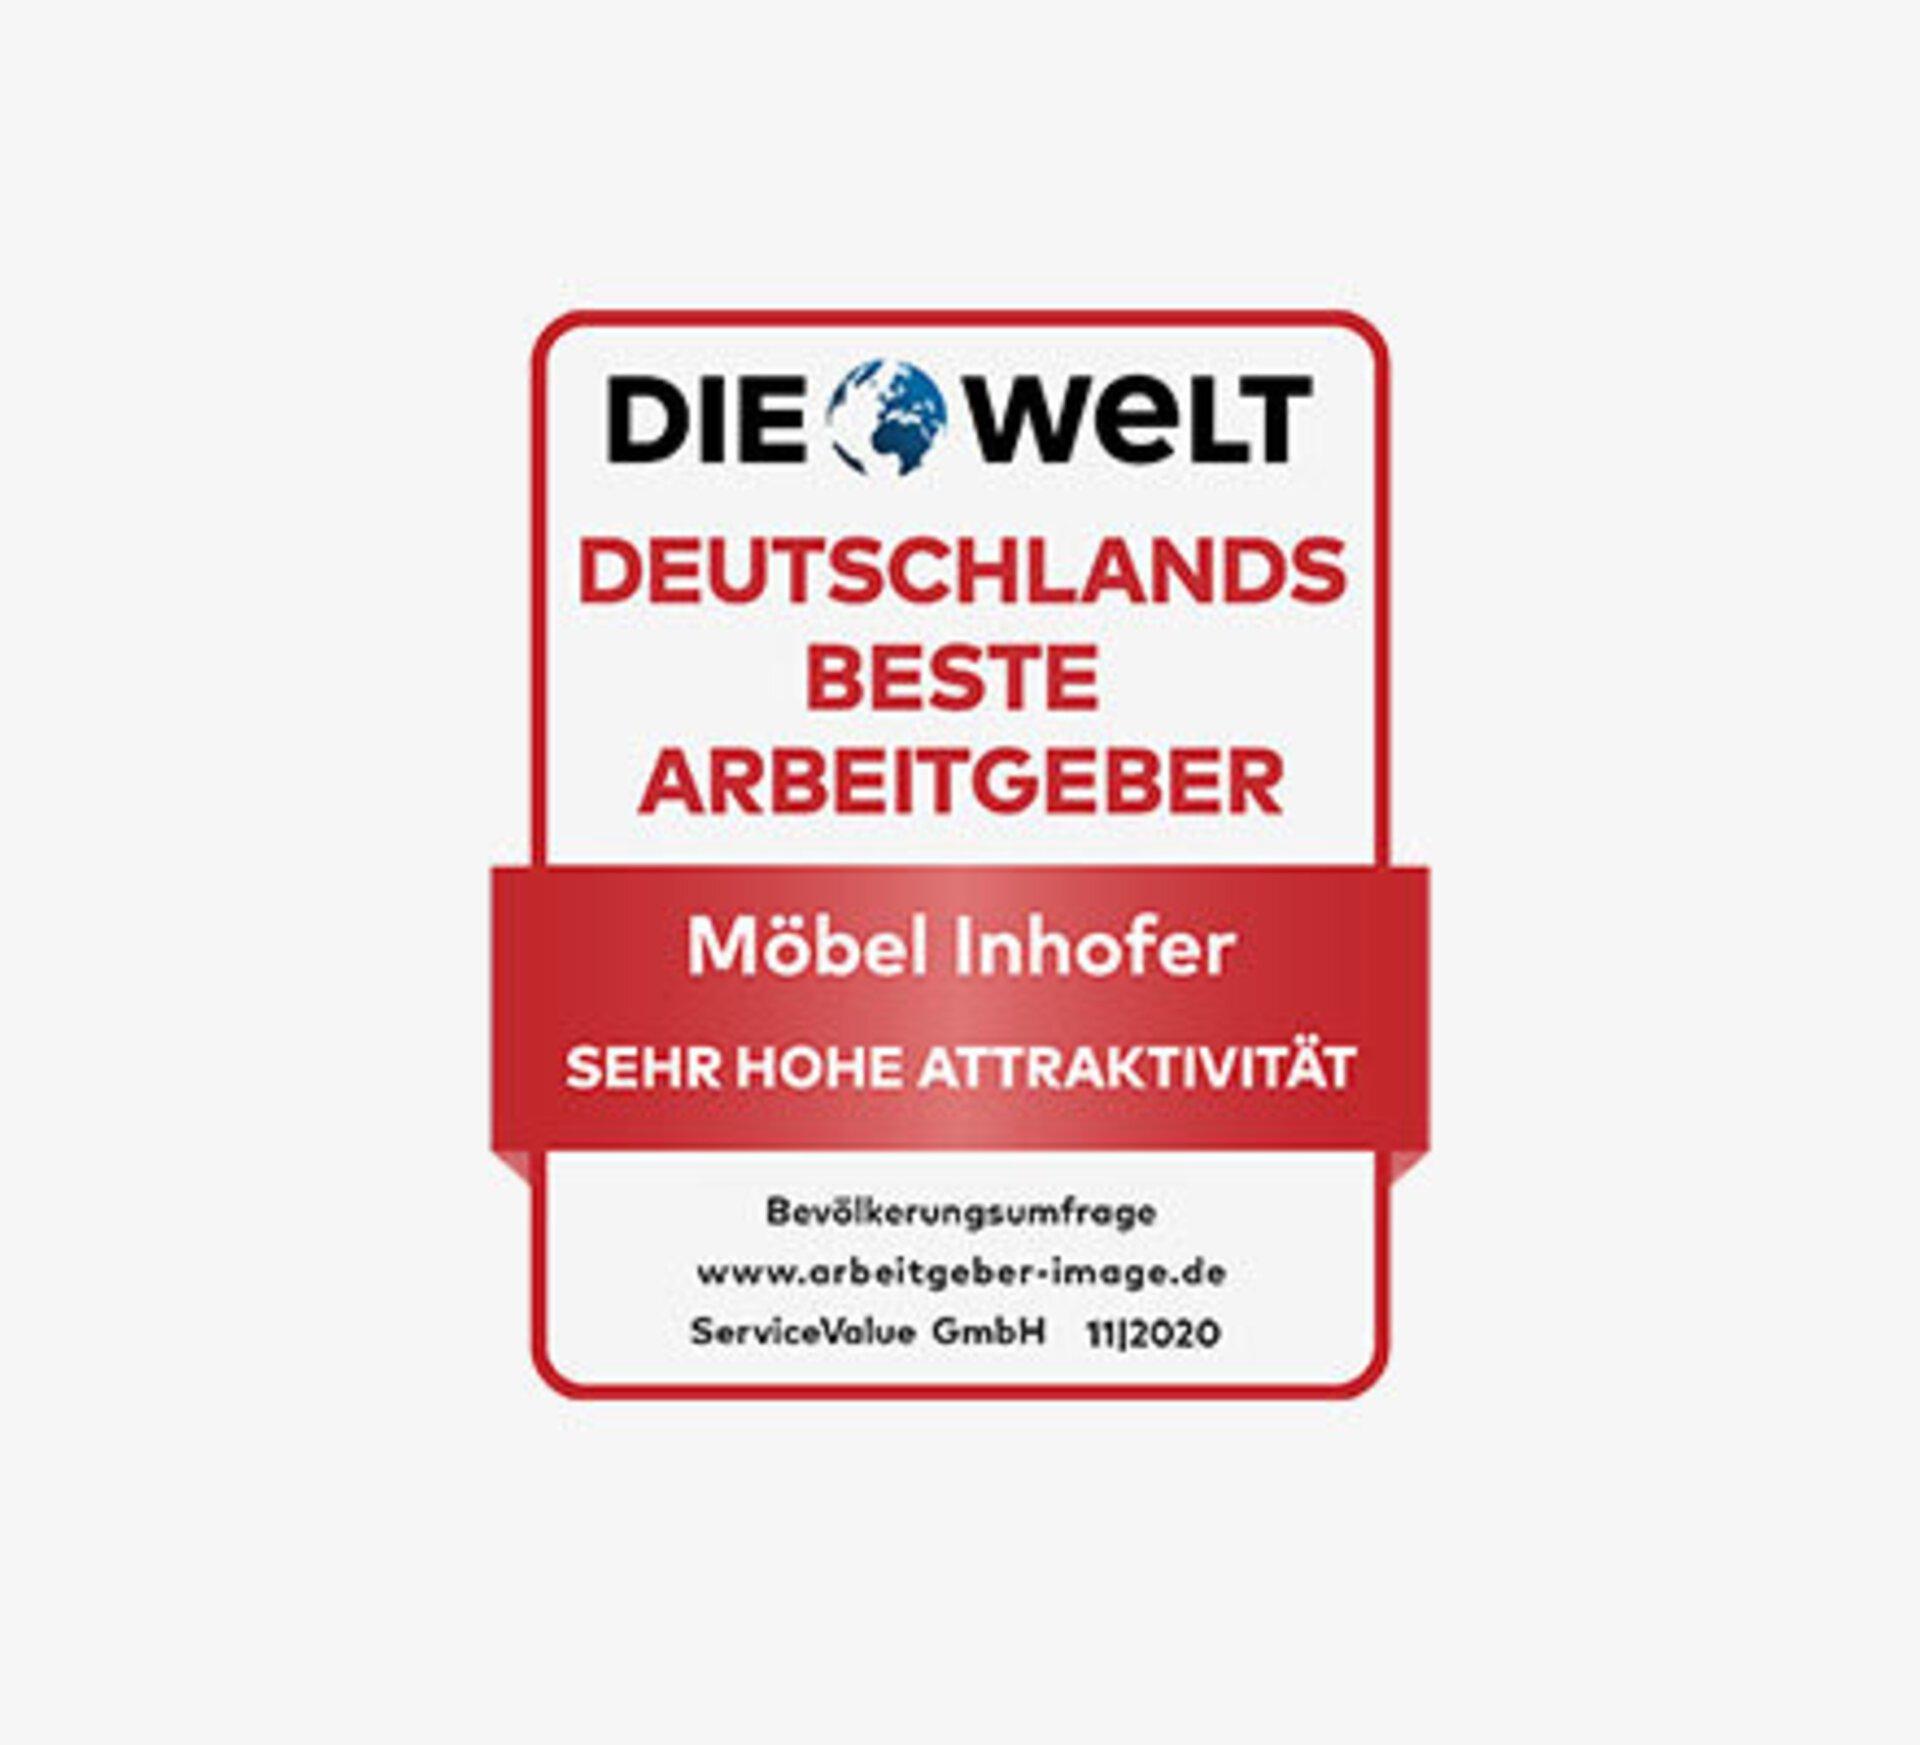 Auszeichnung zu Deutschlands beste Arbeitgeber